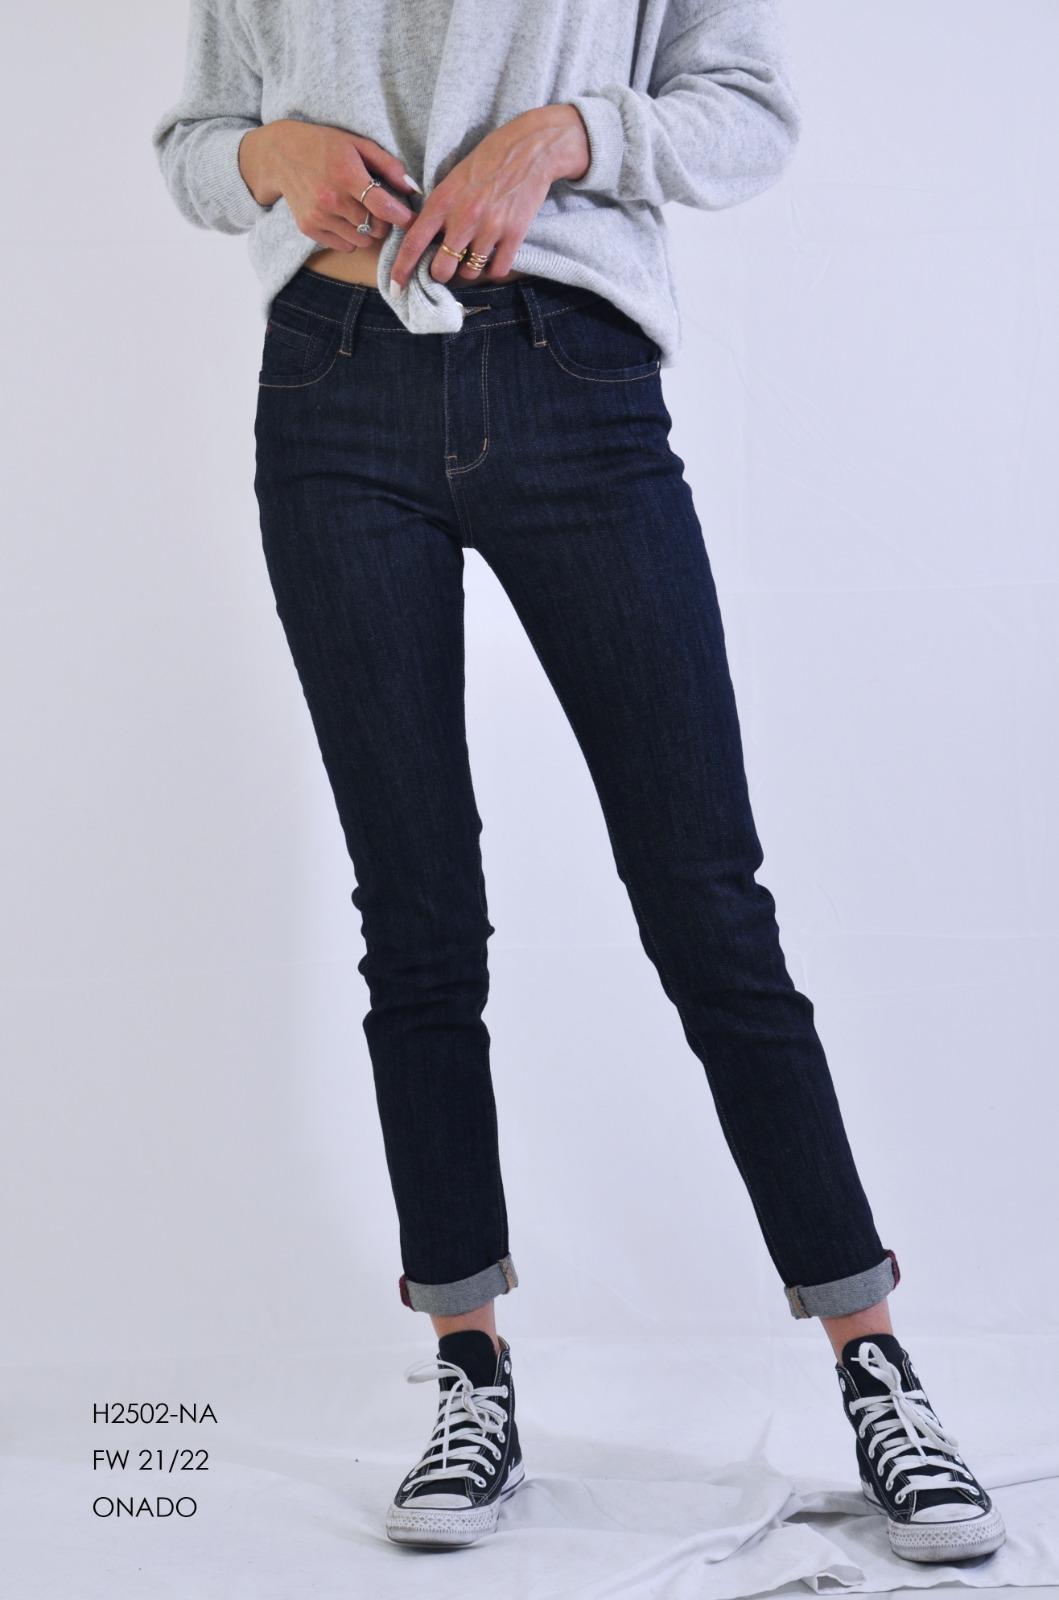 Jeans Femme Brut Onado H2502 #c Efashion Paris